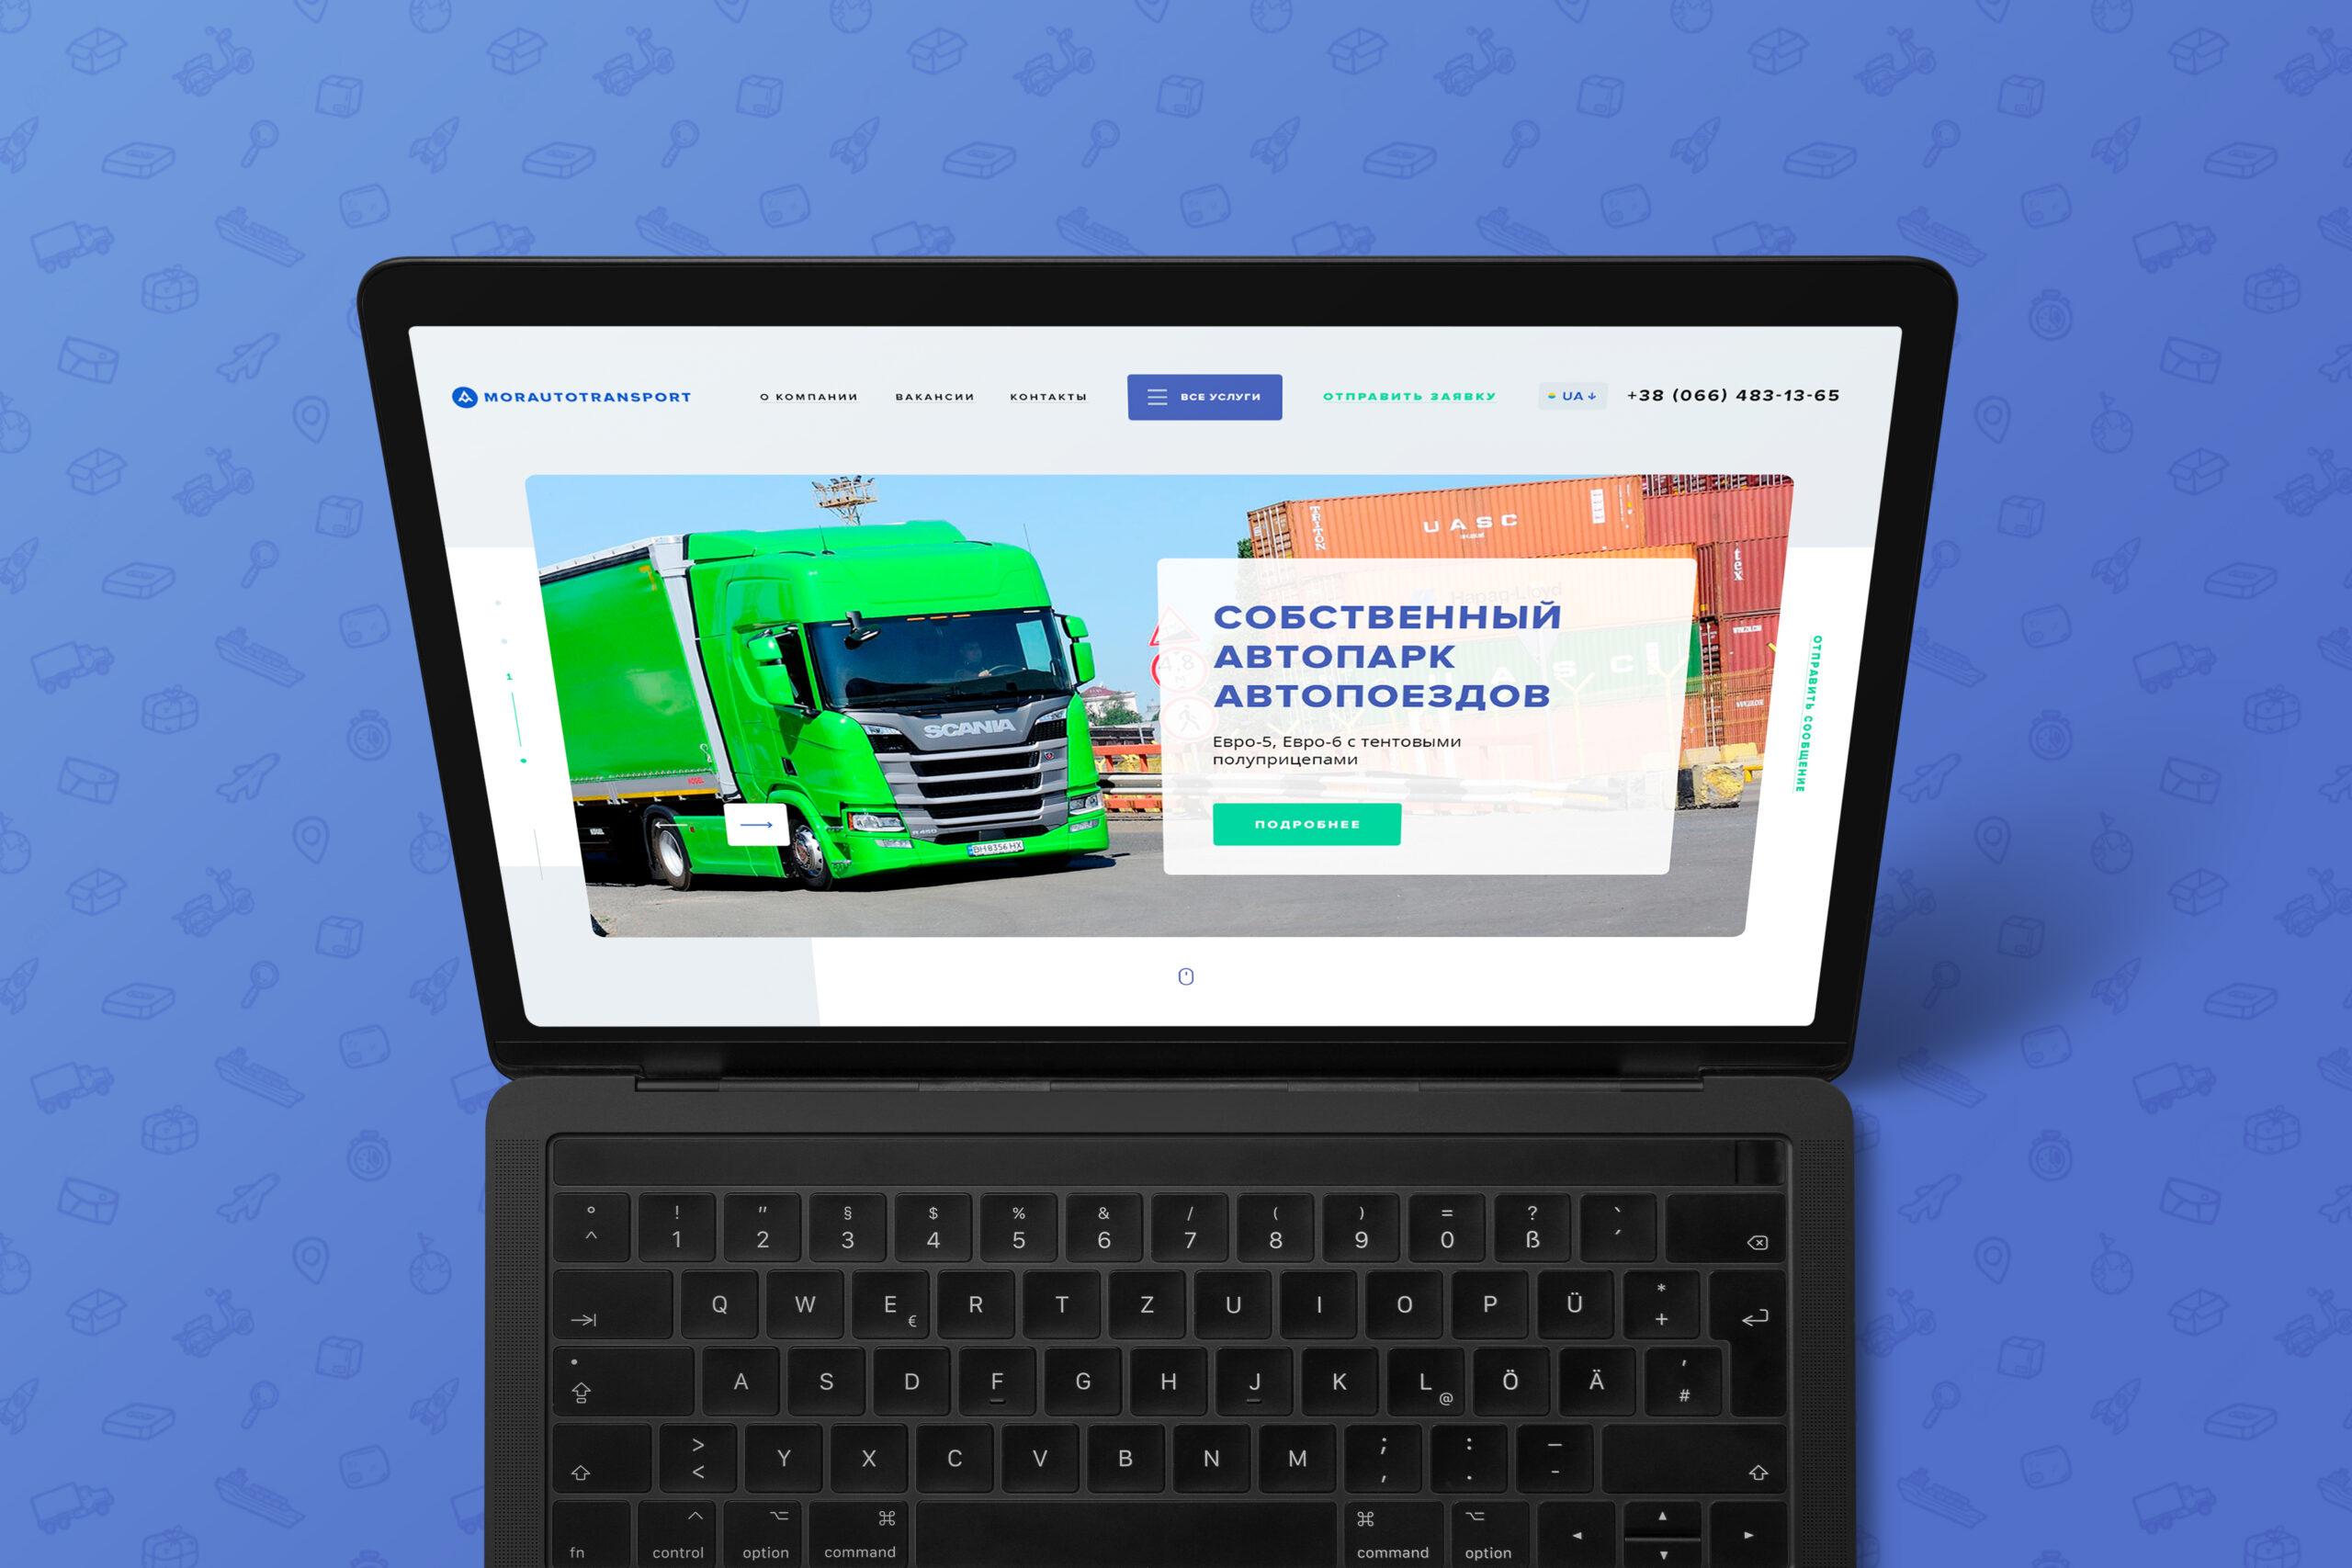 сайт транспортно-логистической компании